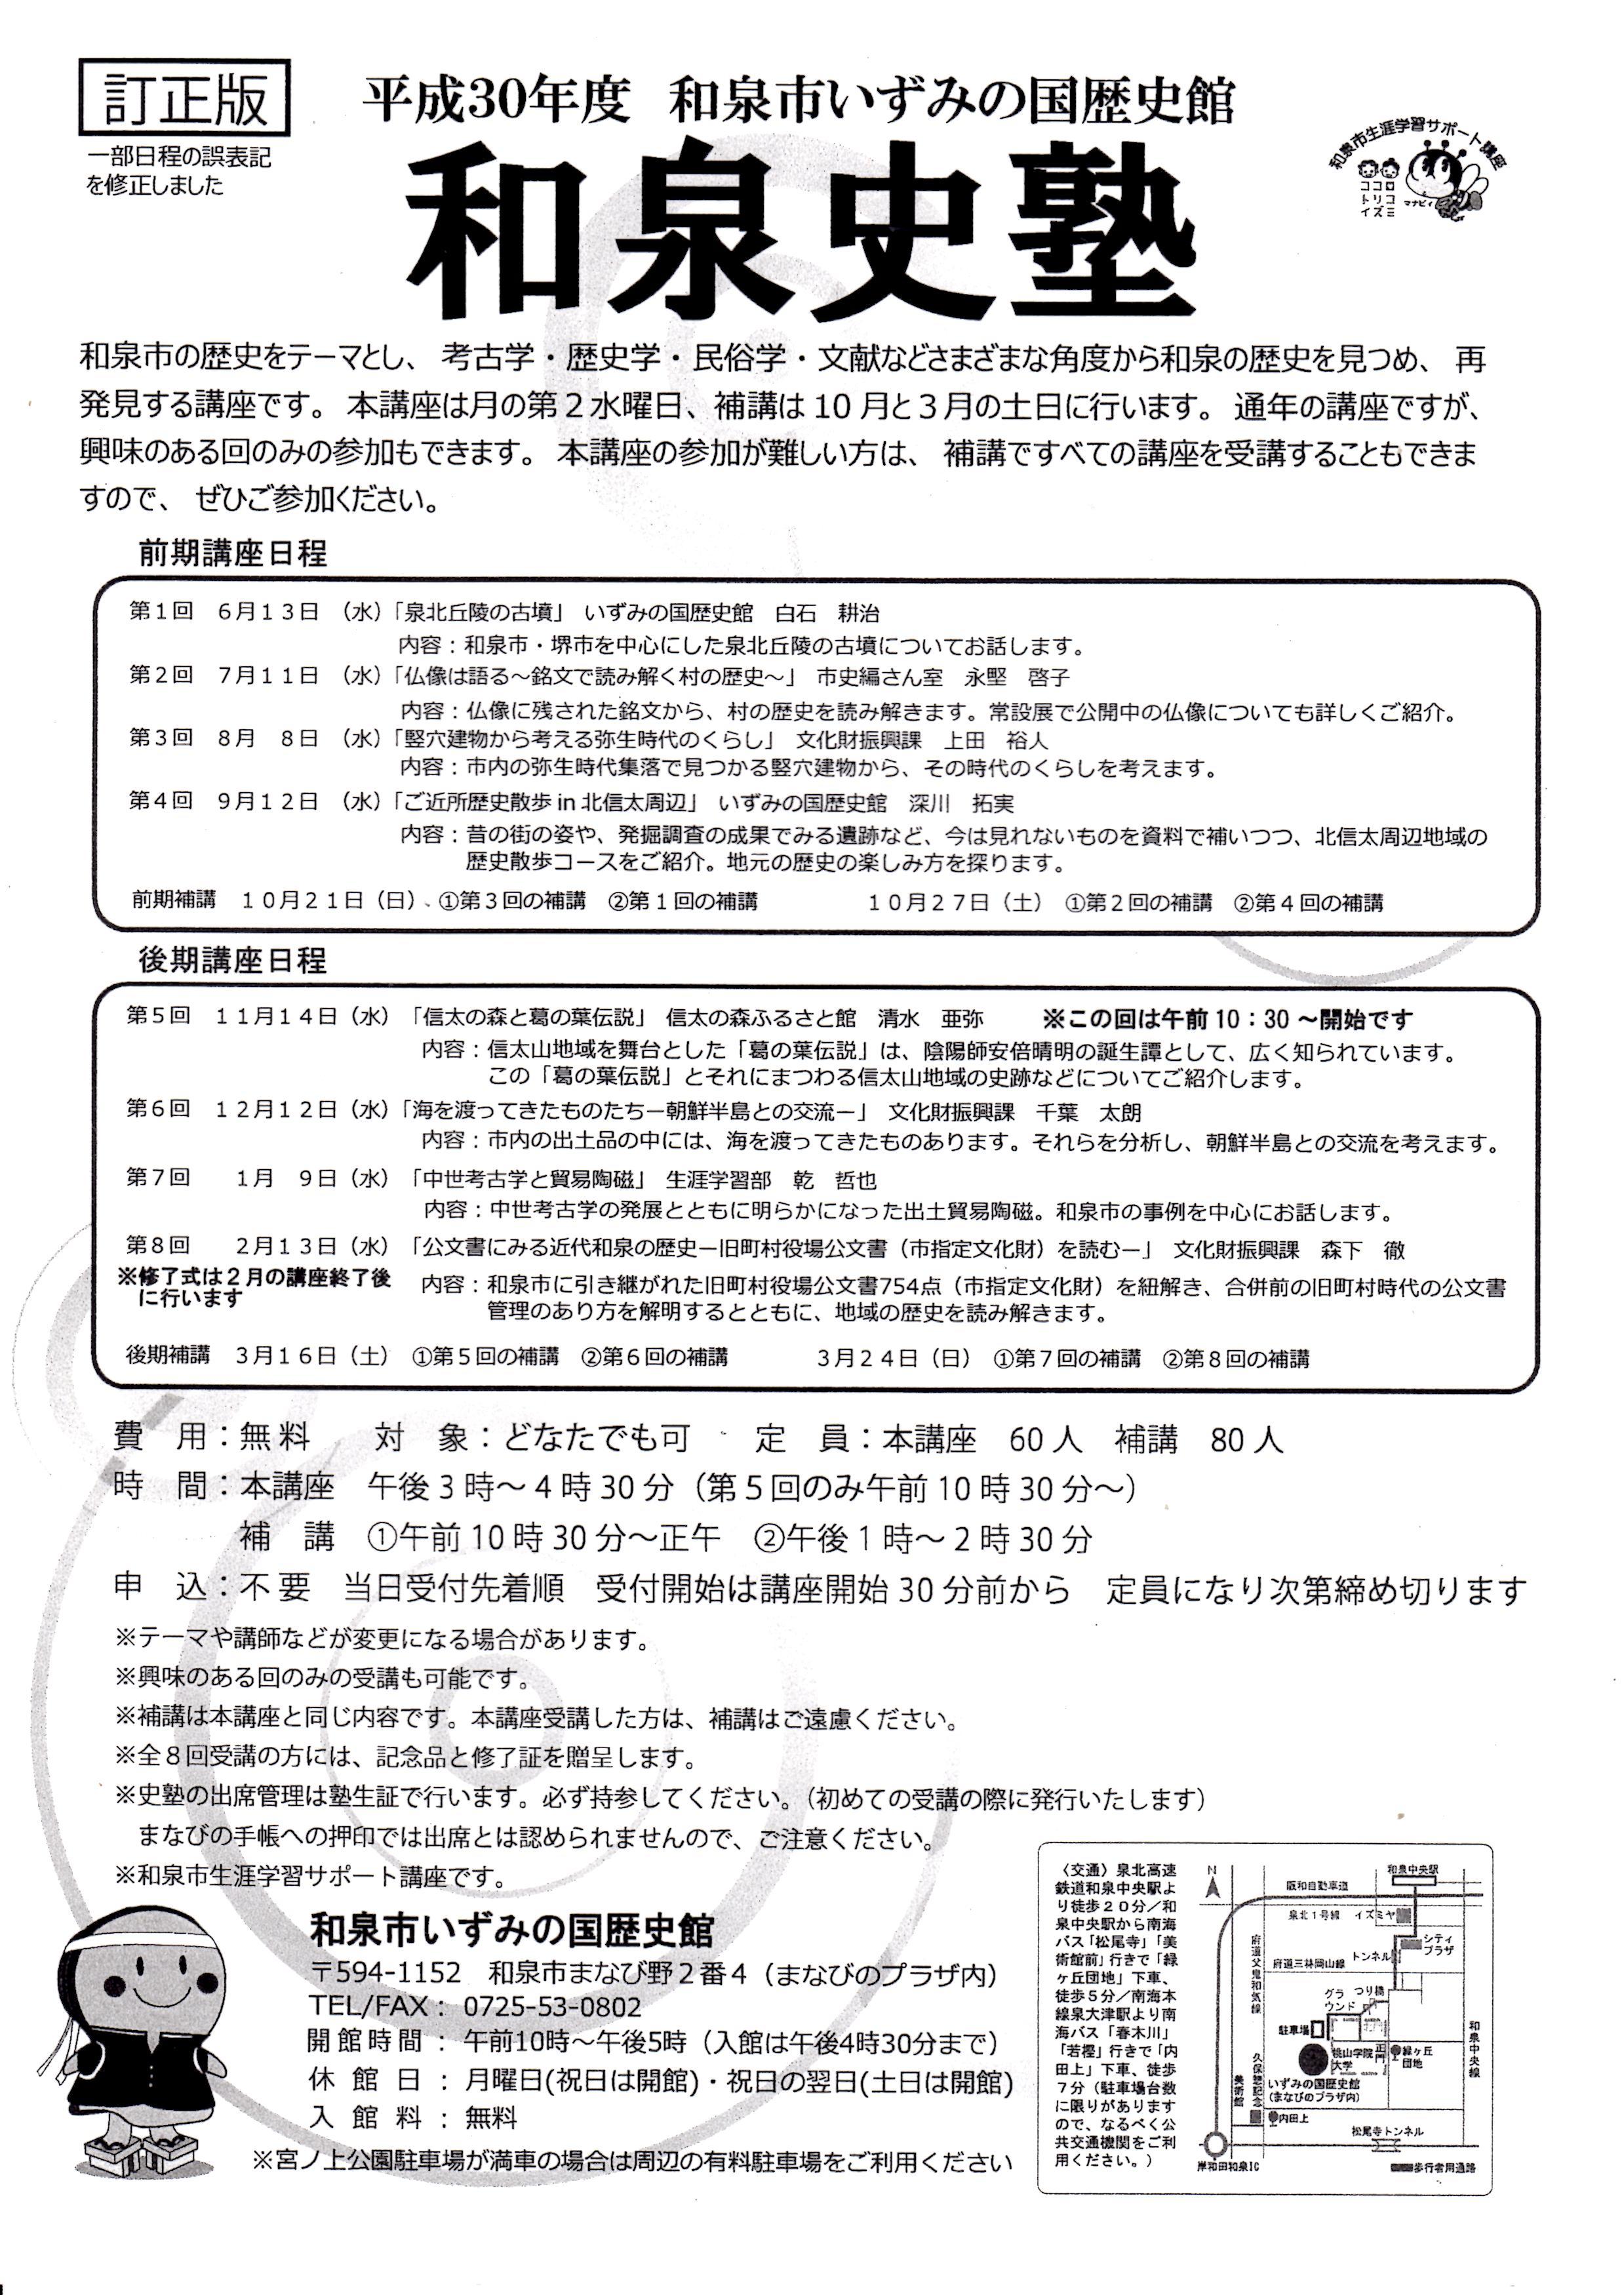 『第8回 和泉史塾』2/13(水)開催!和泉市いずみの国歴史館